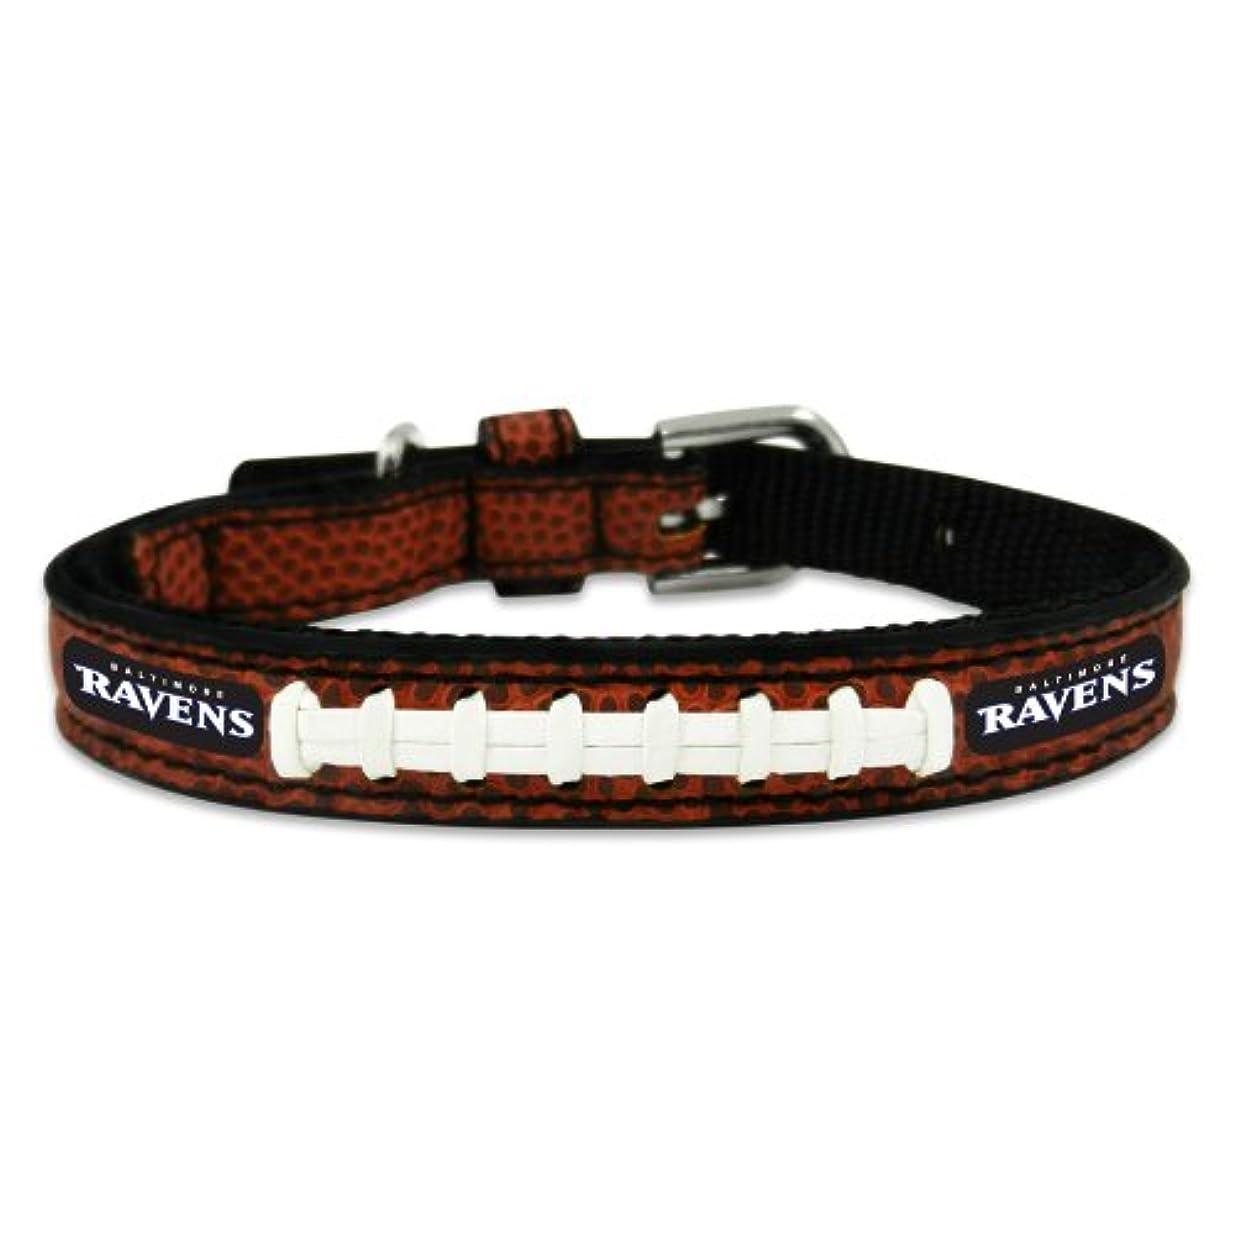 侵入する四くびれたBaltimore Ravens Classic Leather Toy Football Collar